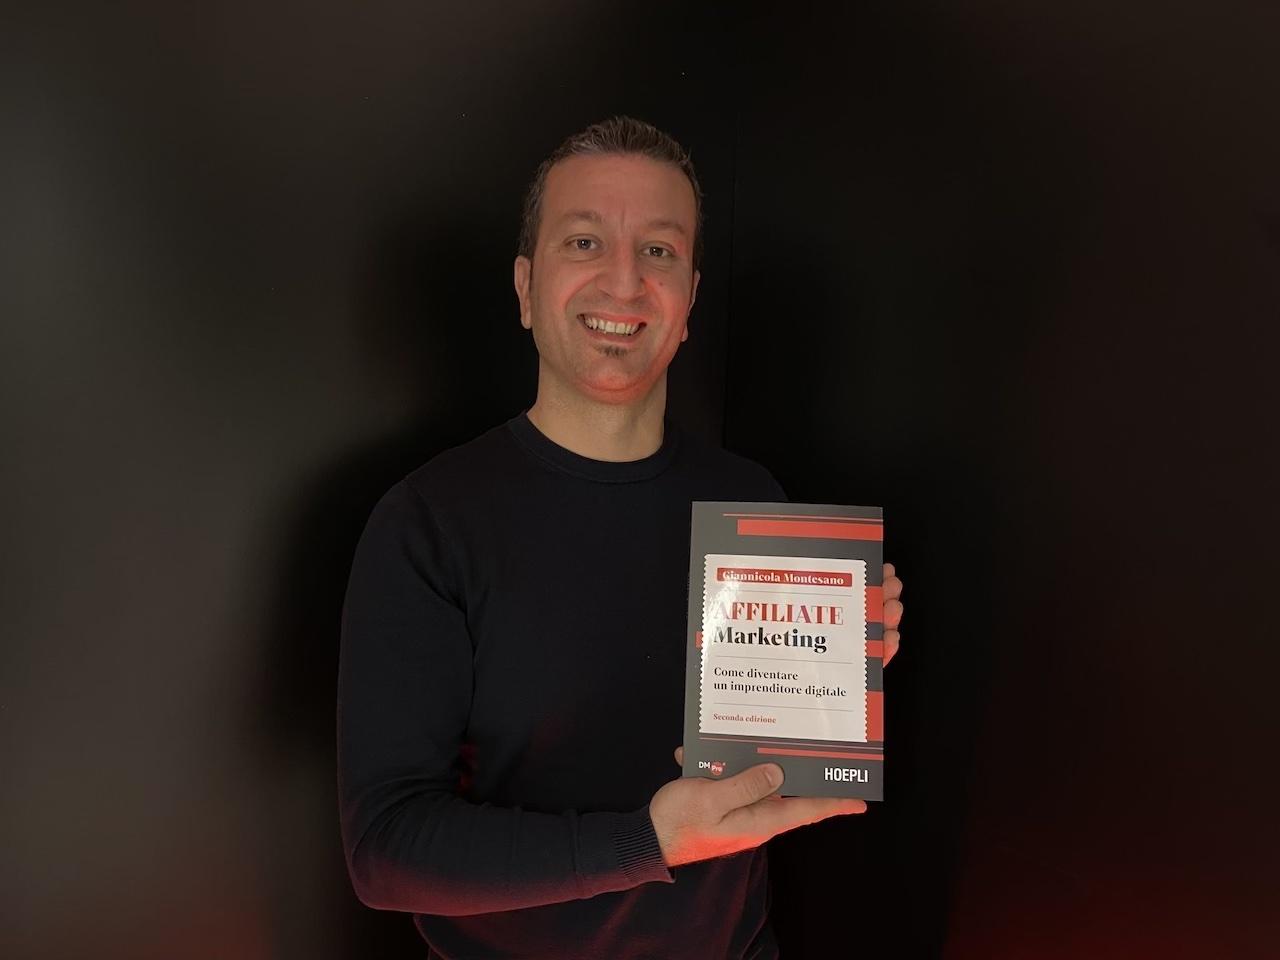 Giannicola Montesano libro affiliate marketing seconda edizione